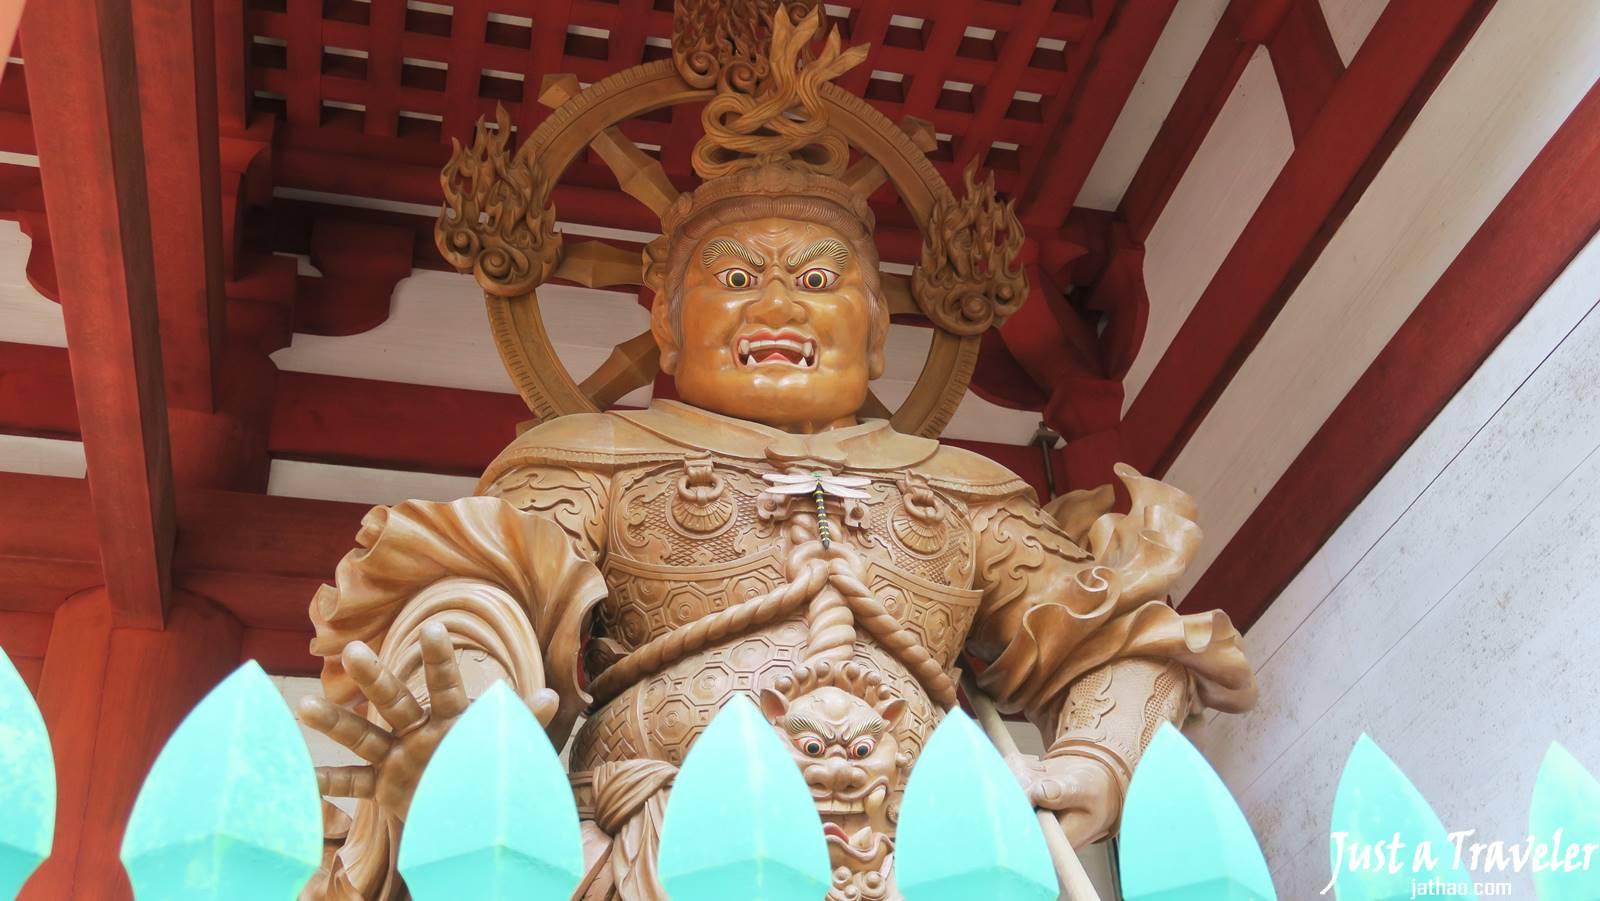 和歌山-高野山-壇上伽藍-高野山景點-高野山交通-行程-攻略-一日遊-二日遊-自由行-旅遊-遊記-Koyasan-Travel-Japan-日本